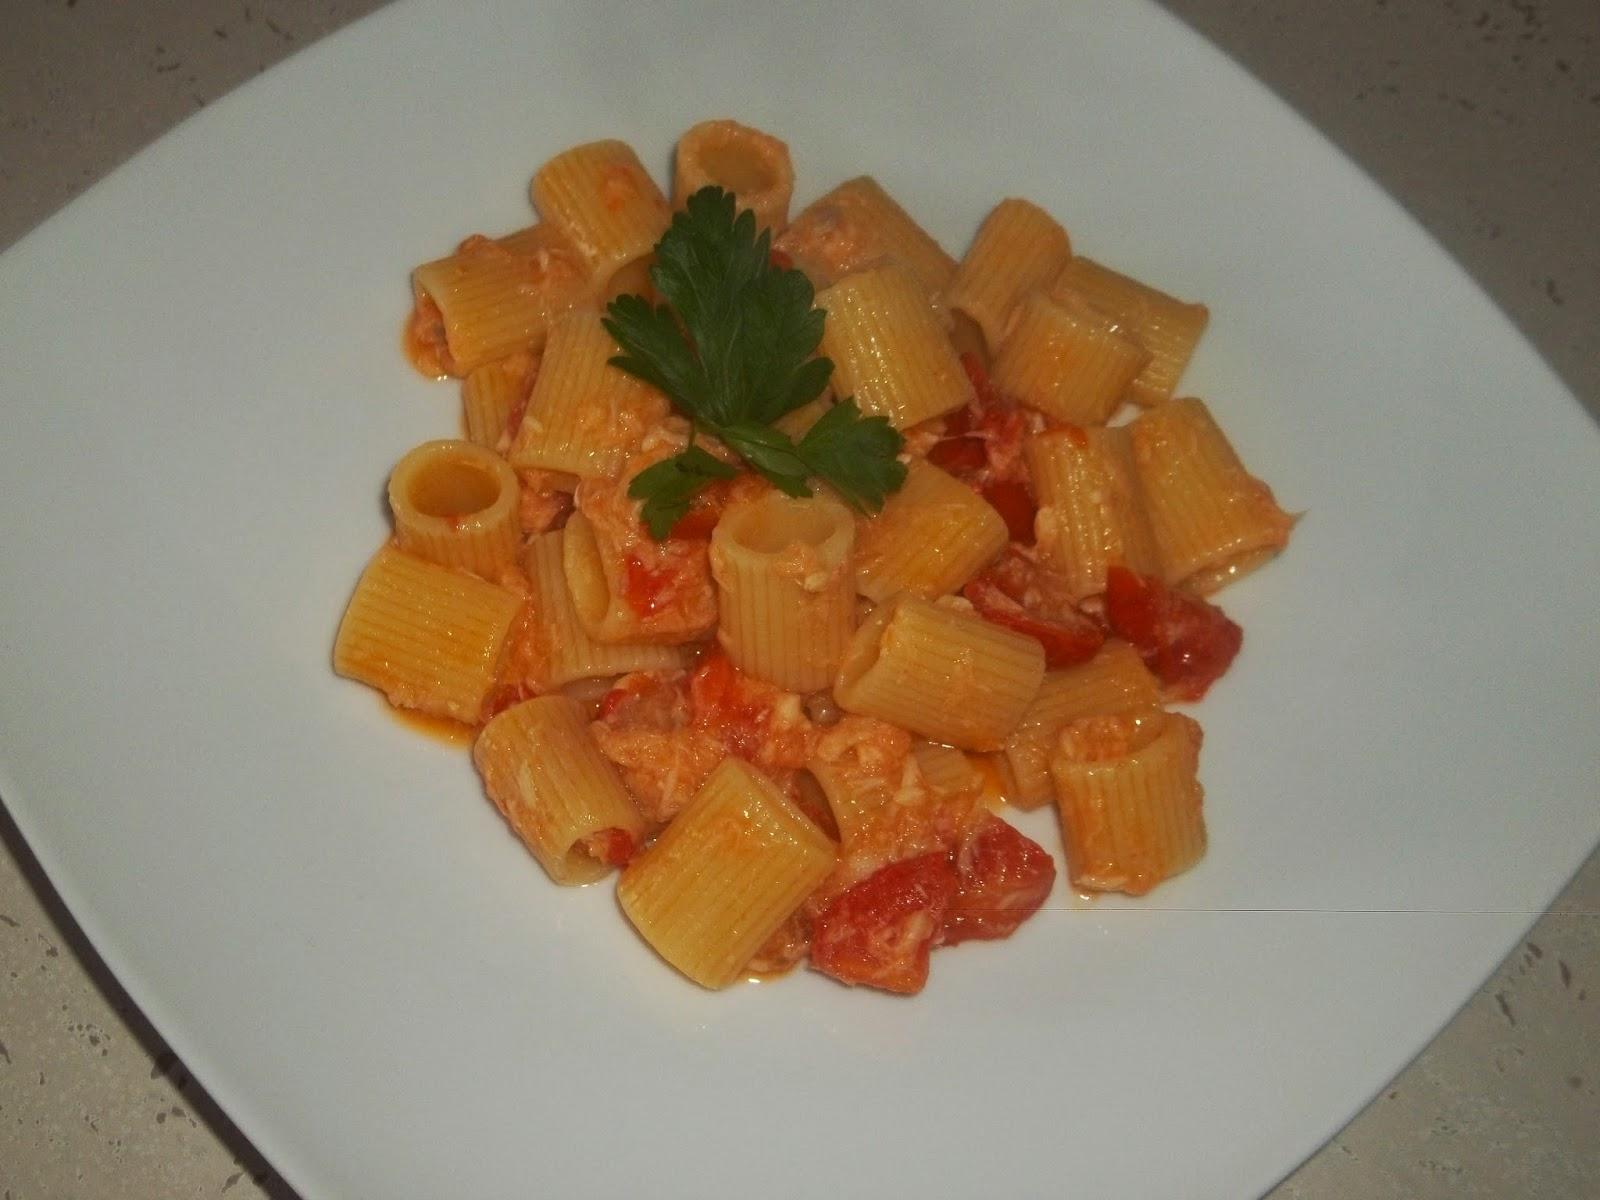 ... mezze maniche con filetti di gallinella cotti al forno e cucinati al pomodorini ...